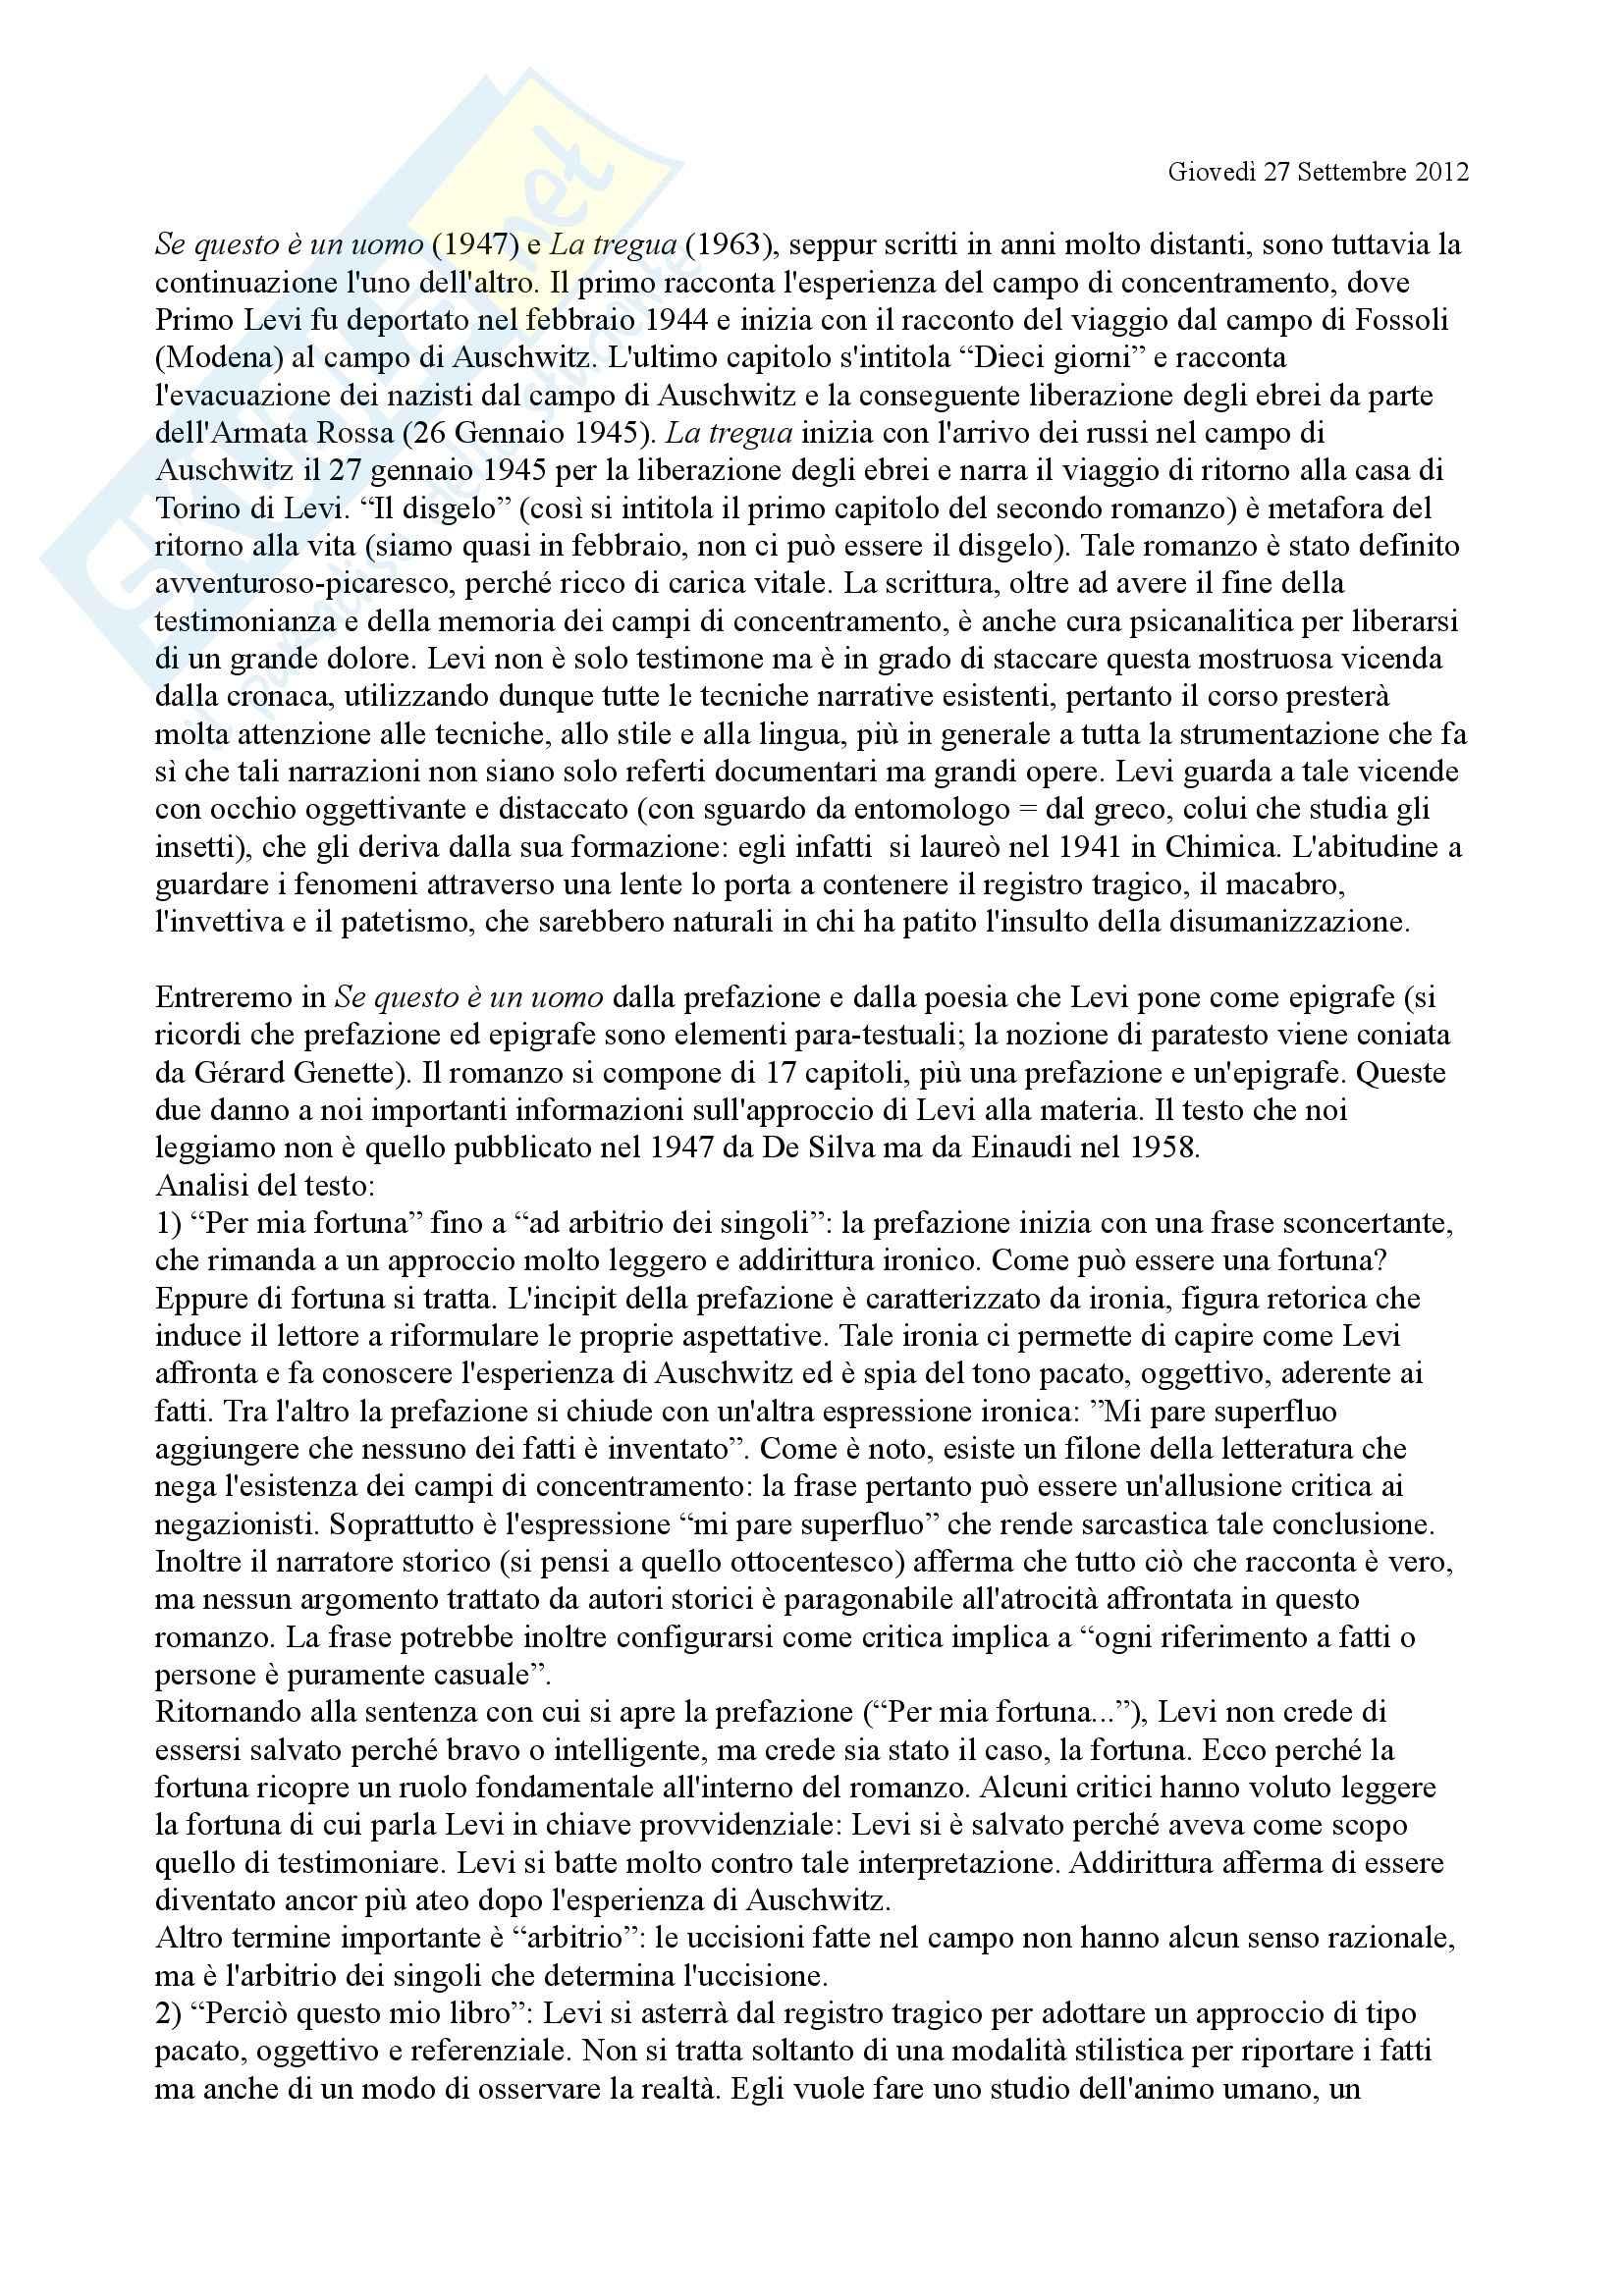 Letteratura italiana - Se questo è un uomo/ La Tregua